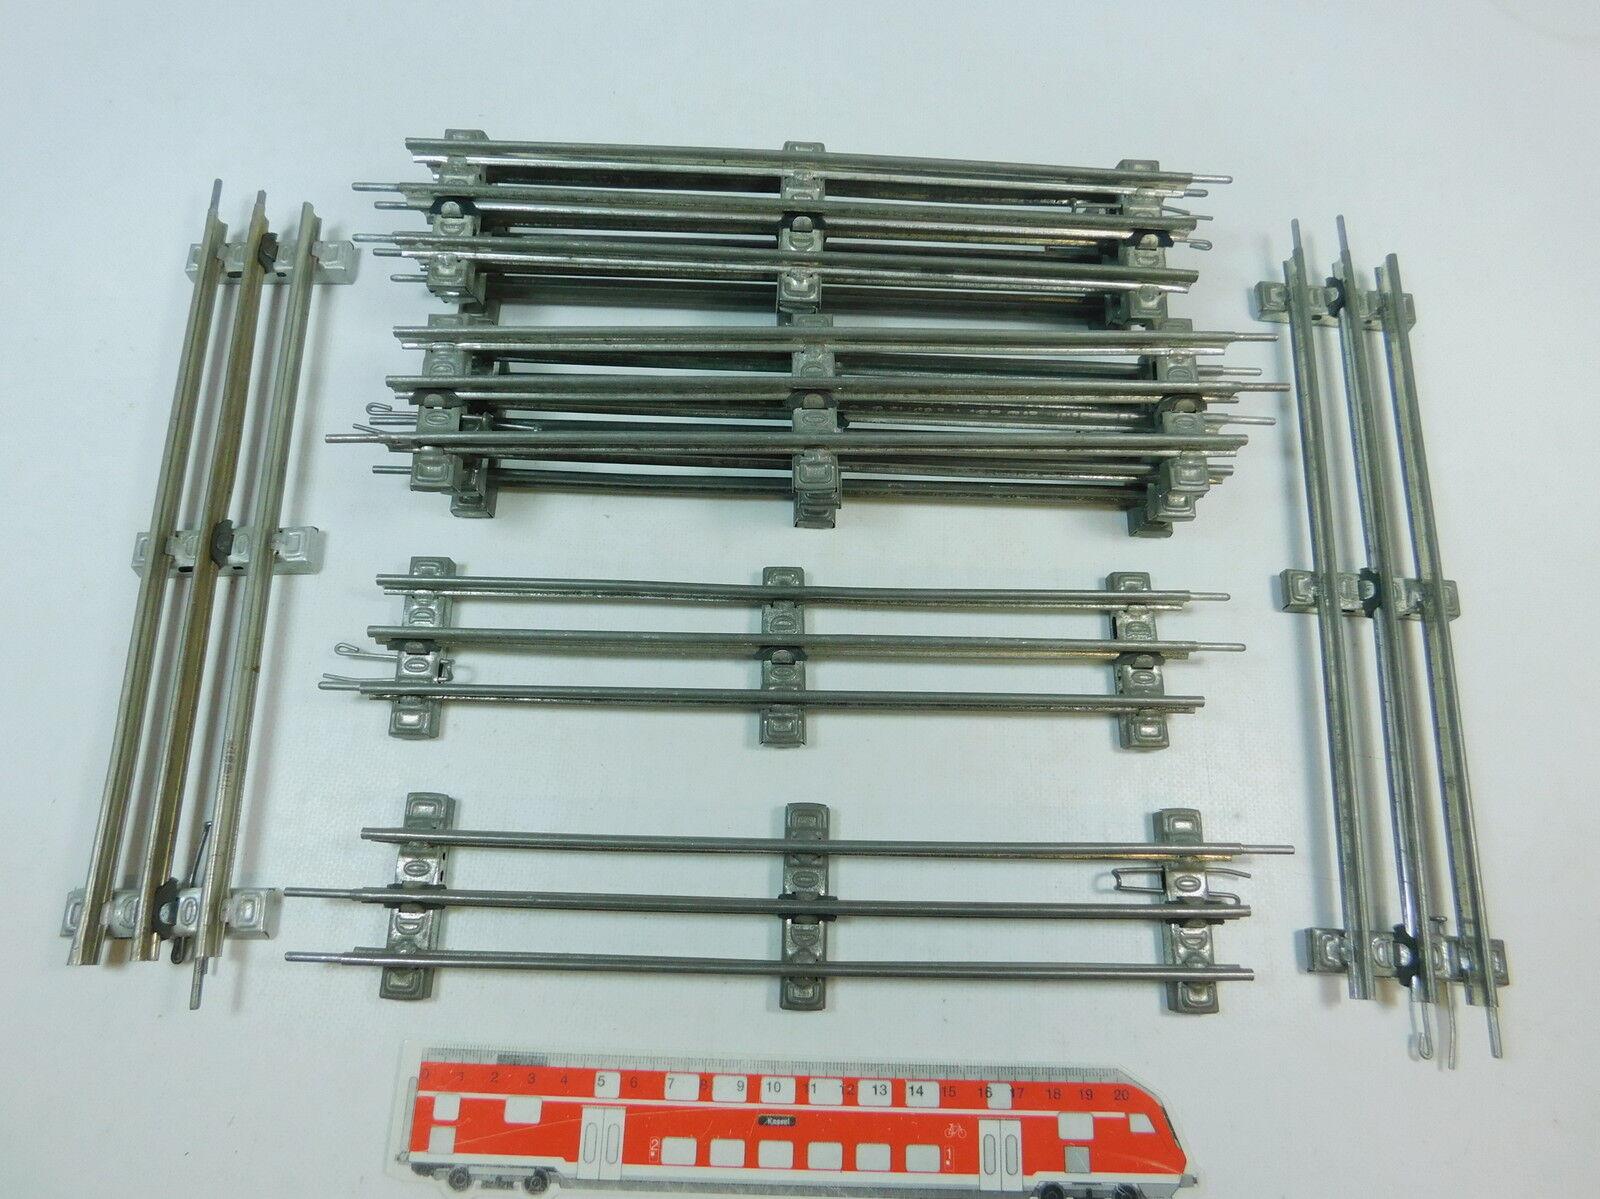 AV44-2 10x  /Marklin Traccia 0 Pezzo Pista  26 Cm  per Elettrica